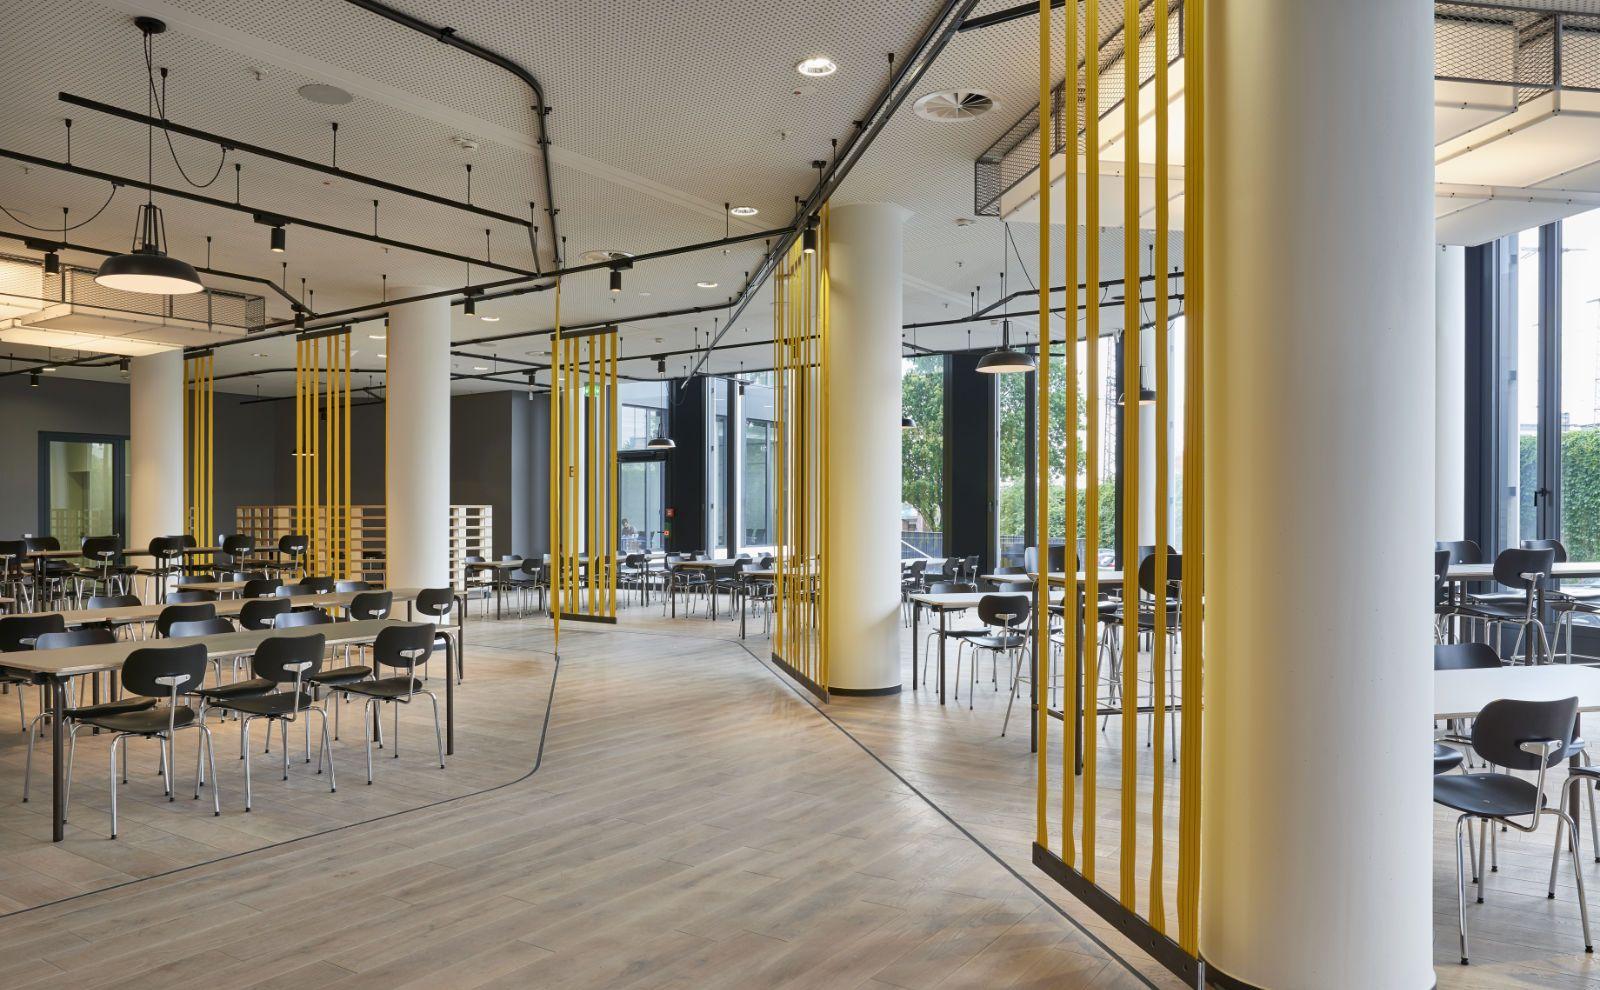 Kantine und Essensbereich der DB Schenker Firmenzentrale von BAID Architekten